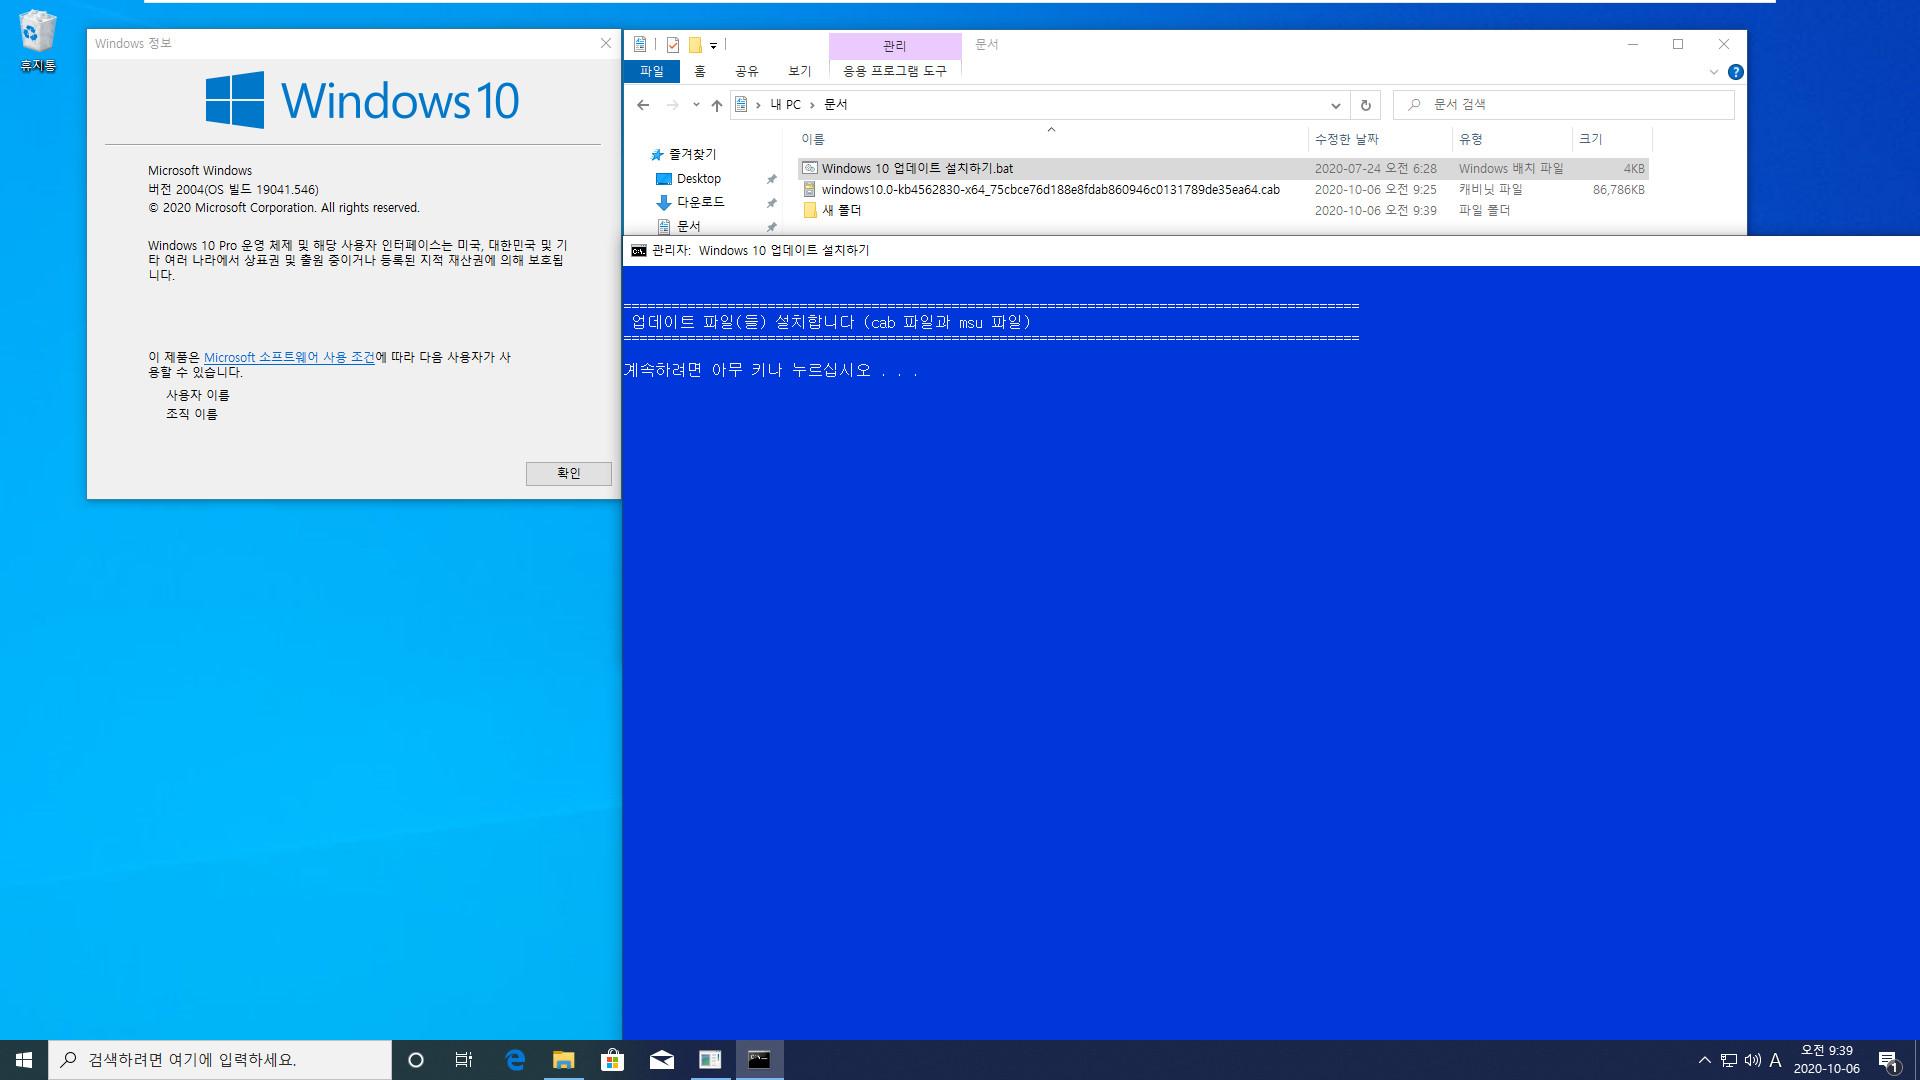 버전 2004 (20H1)에서 버전 2009 (20H2) 업그레이드하기 - 누적 업데이트와 서비스 스택이 설치되어 있지 않은 경우 2020-10-06_093950.jpg